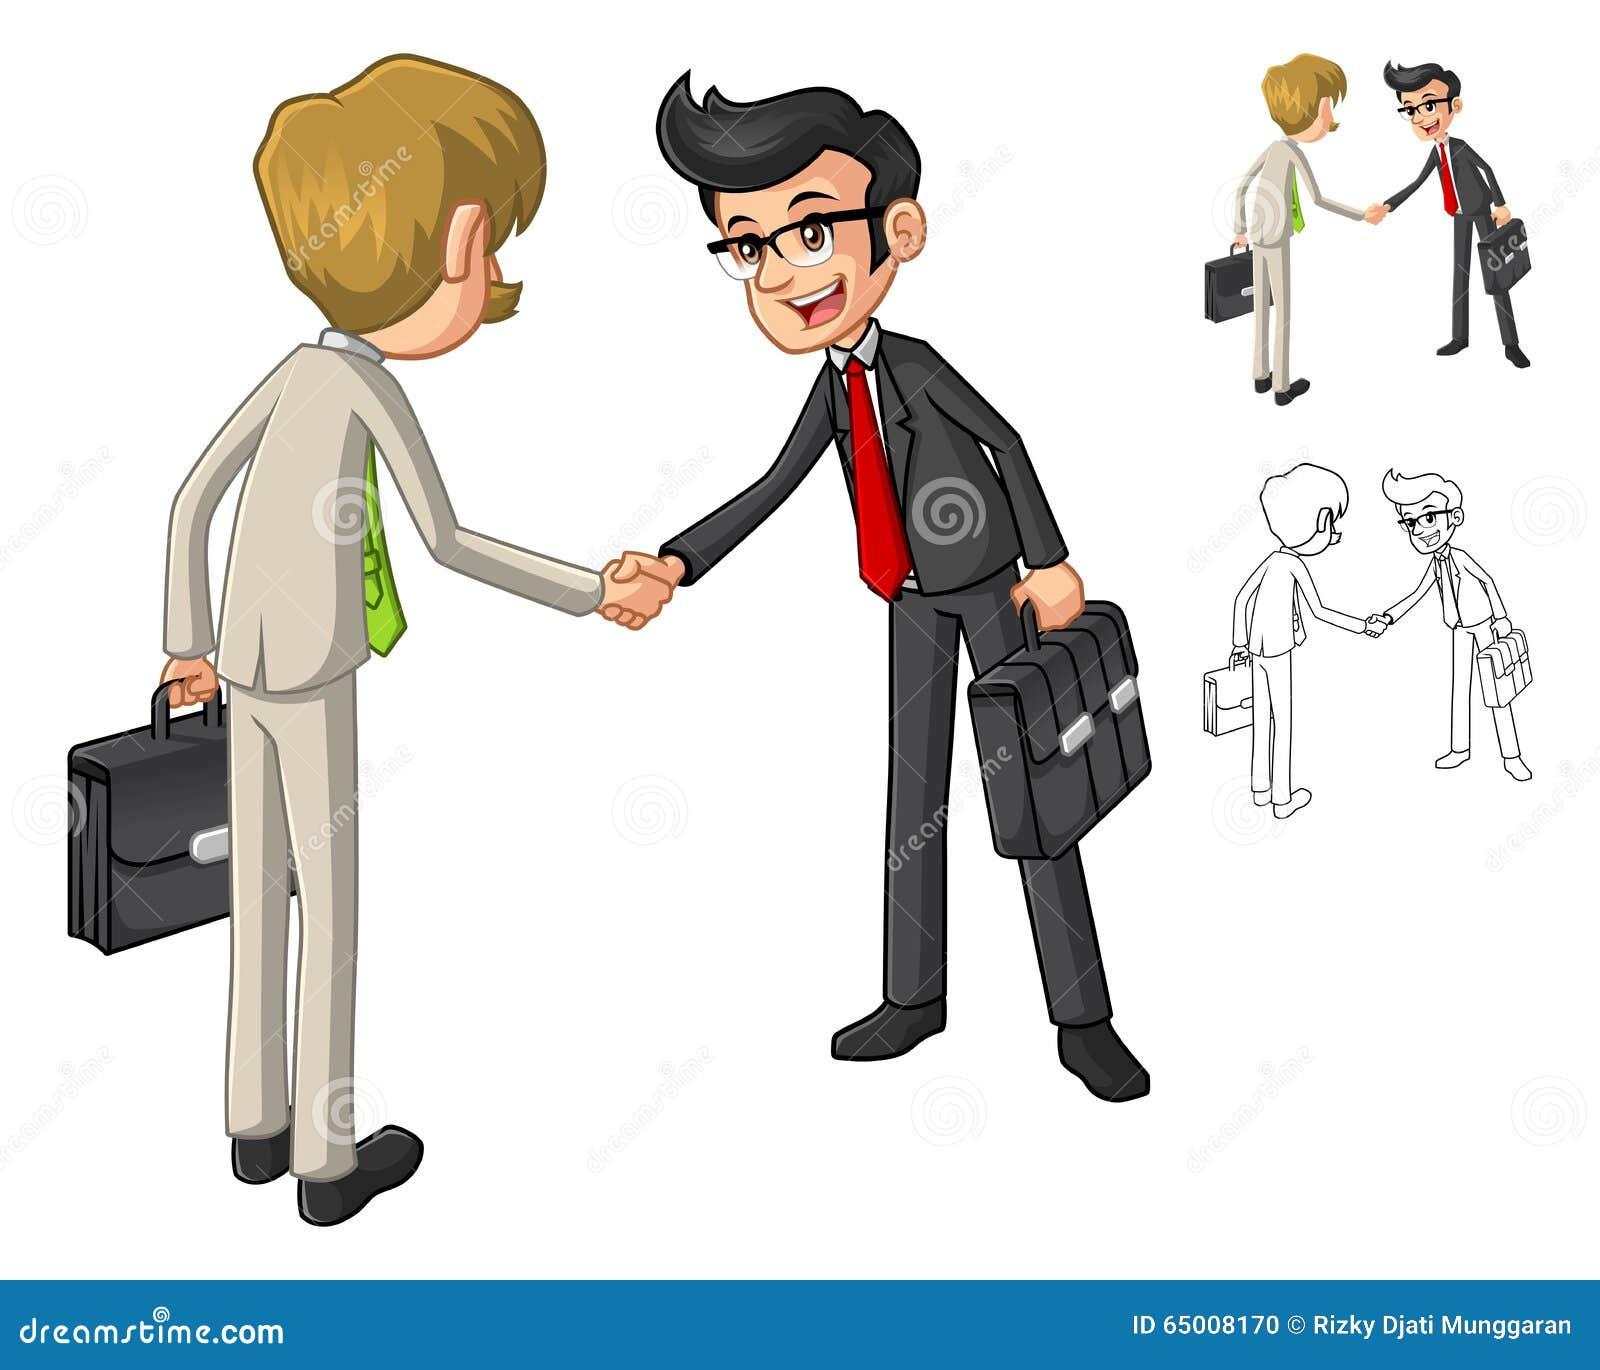 Homme d'affaire cherche compagnie